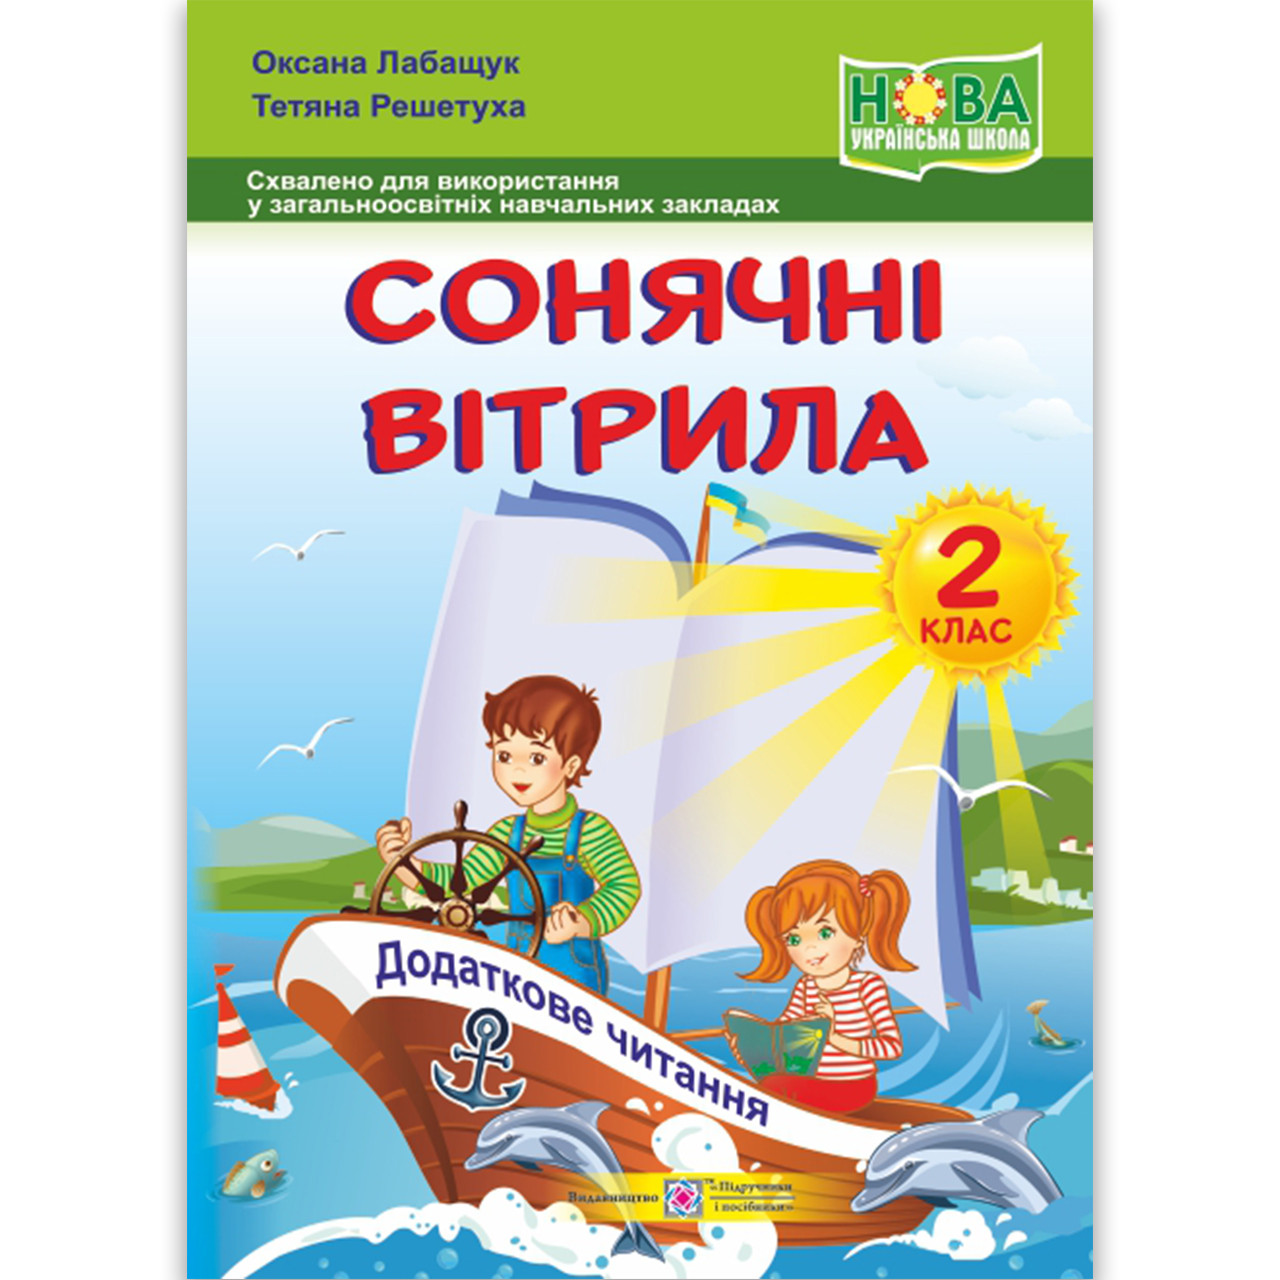 Сонячні вітрила Книжка для читання 2 клас Авт: Лабащук О. Вид: Підручники і Посібники